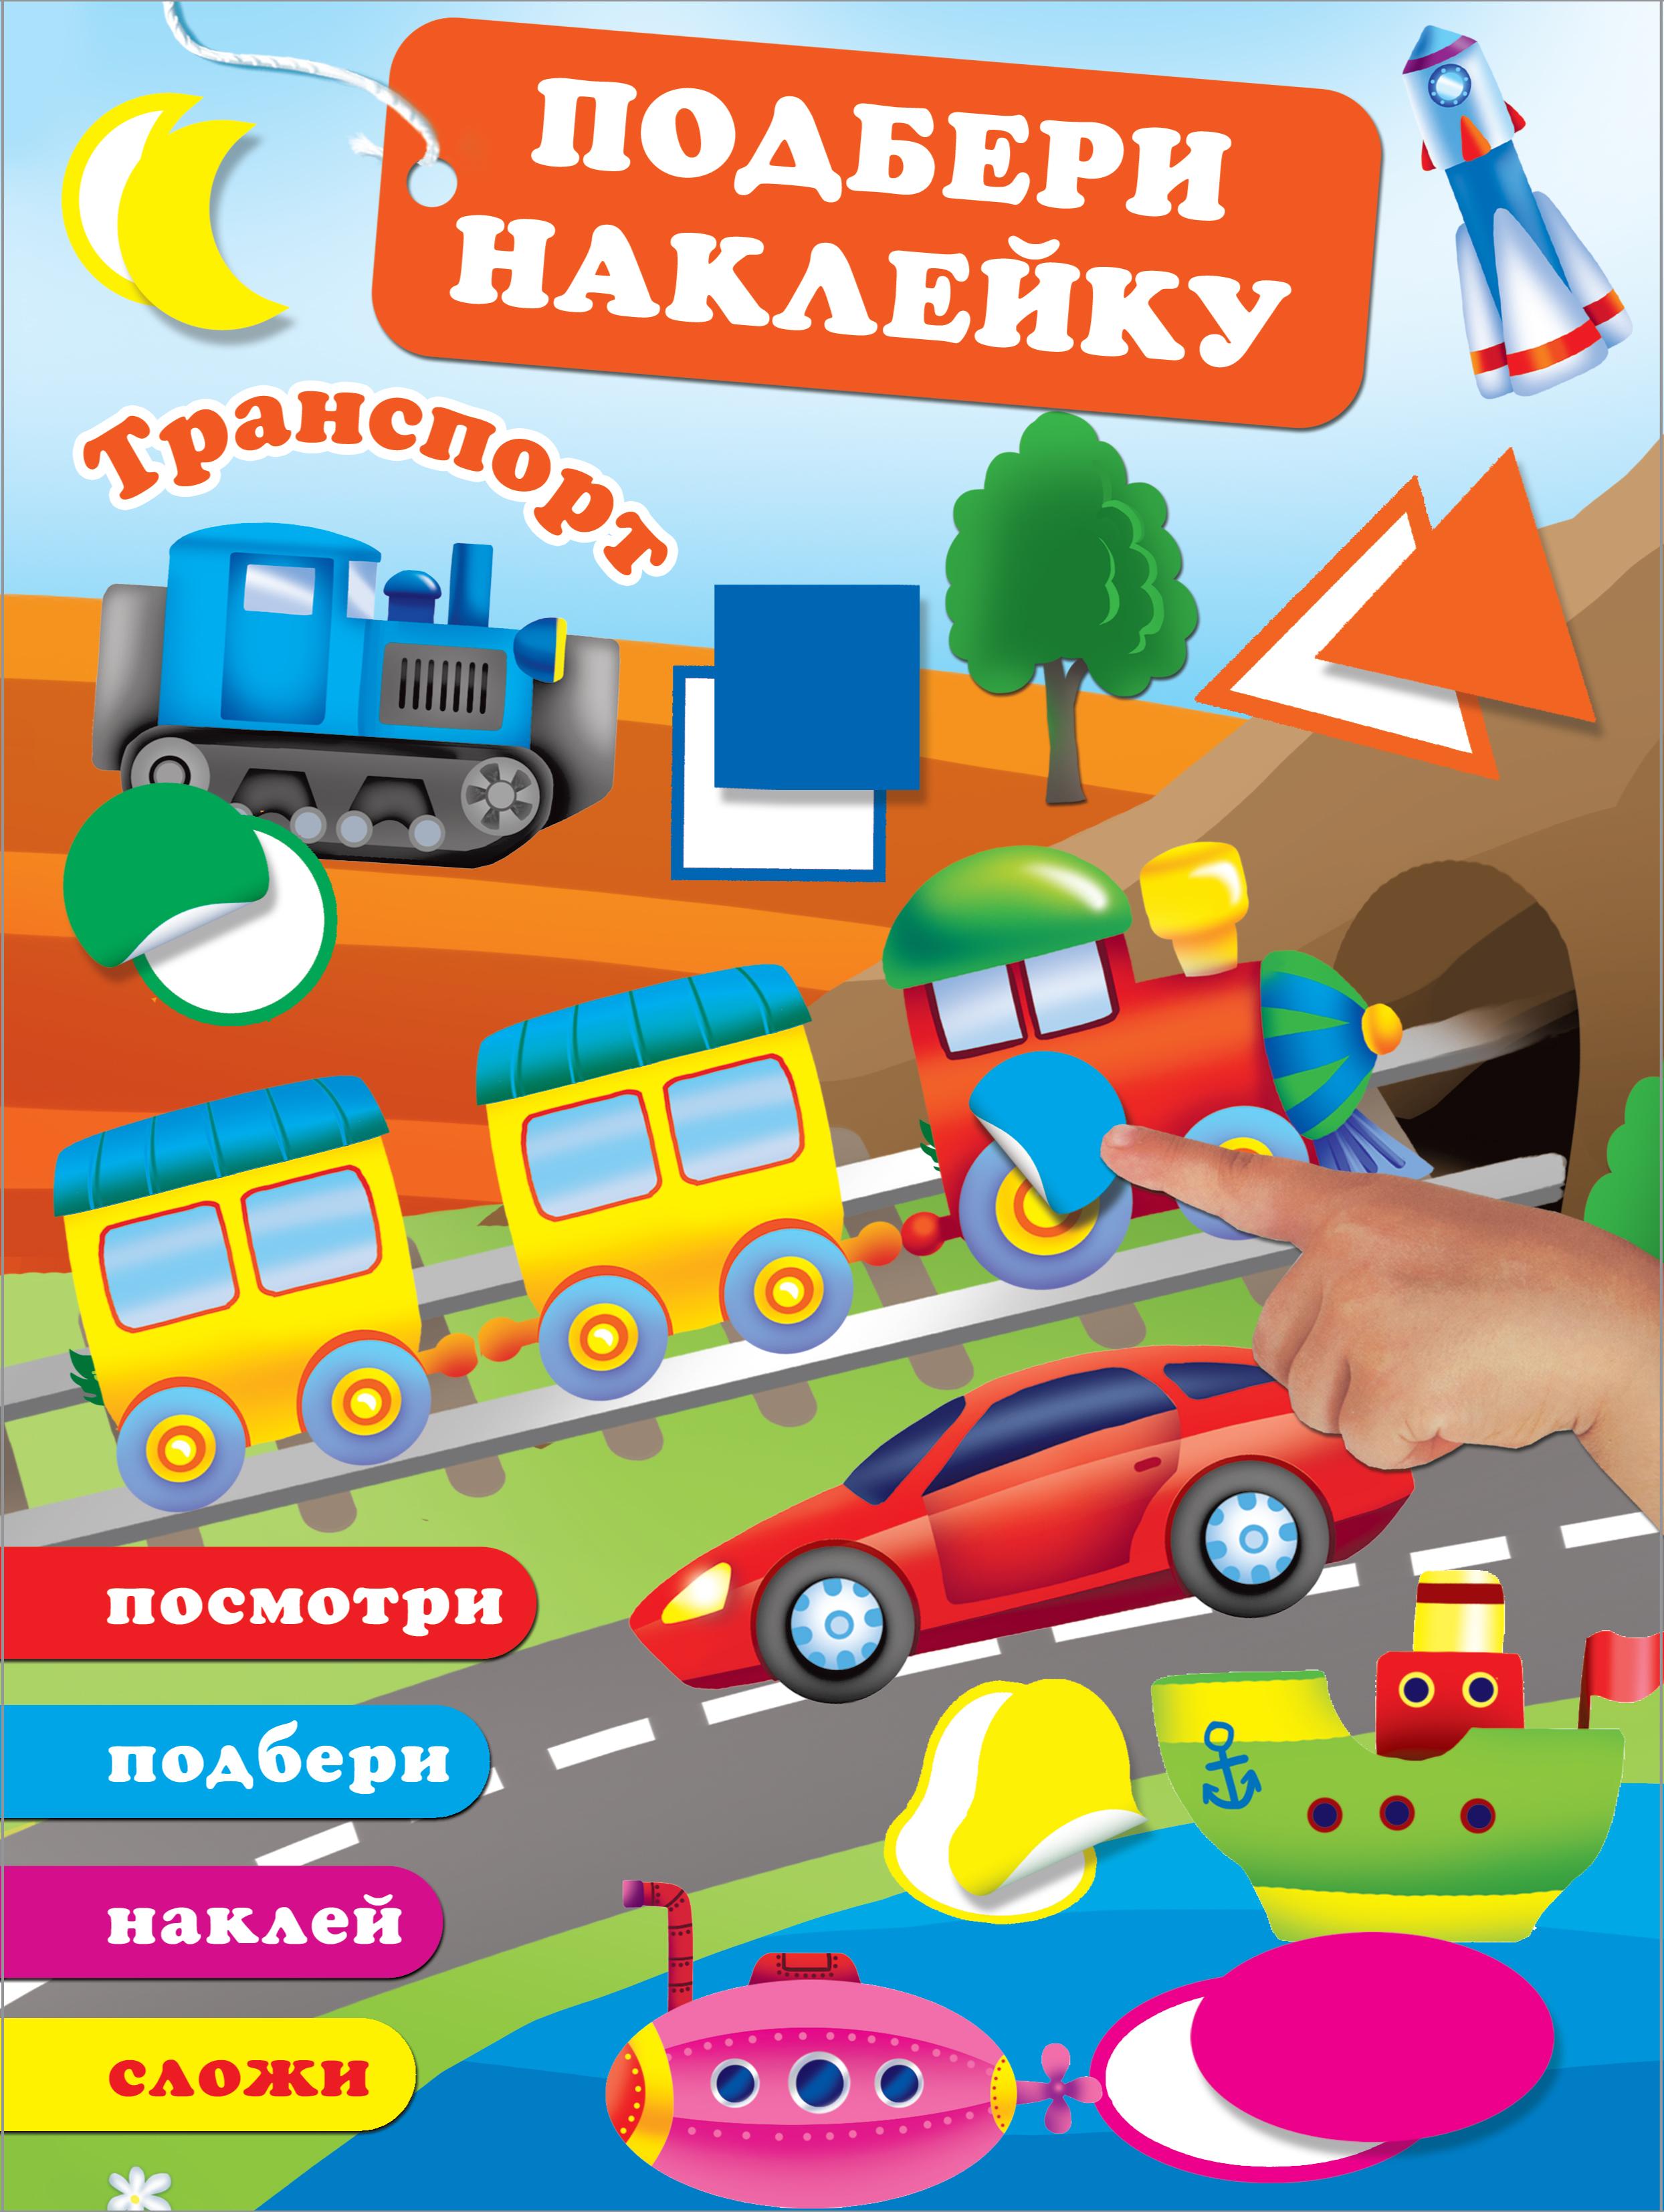 . Транспорт экономичность и энергоемкость городского транспорта